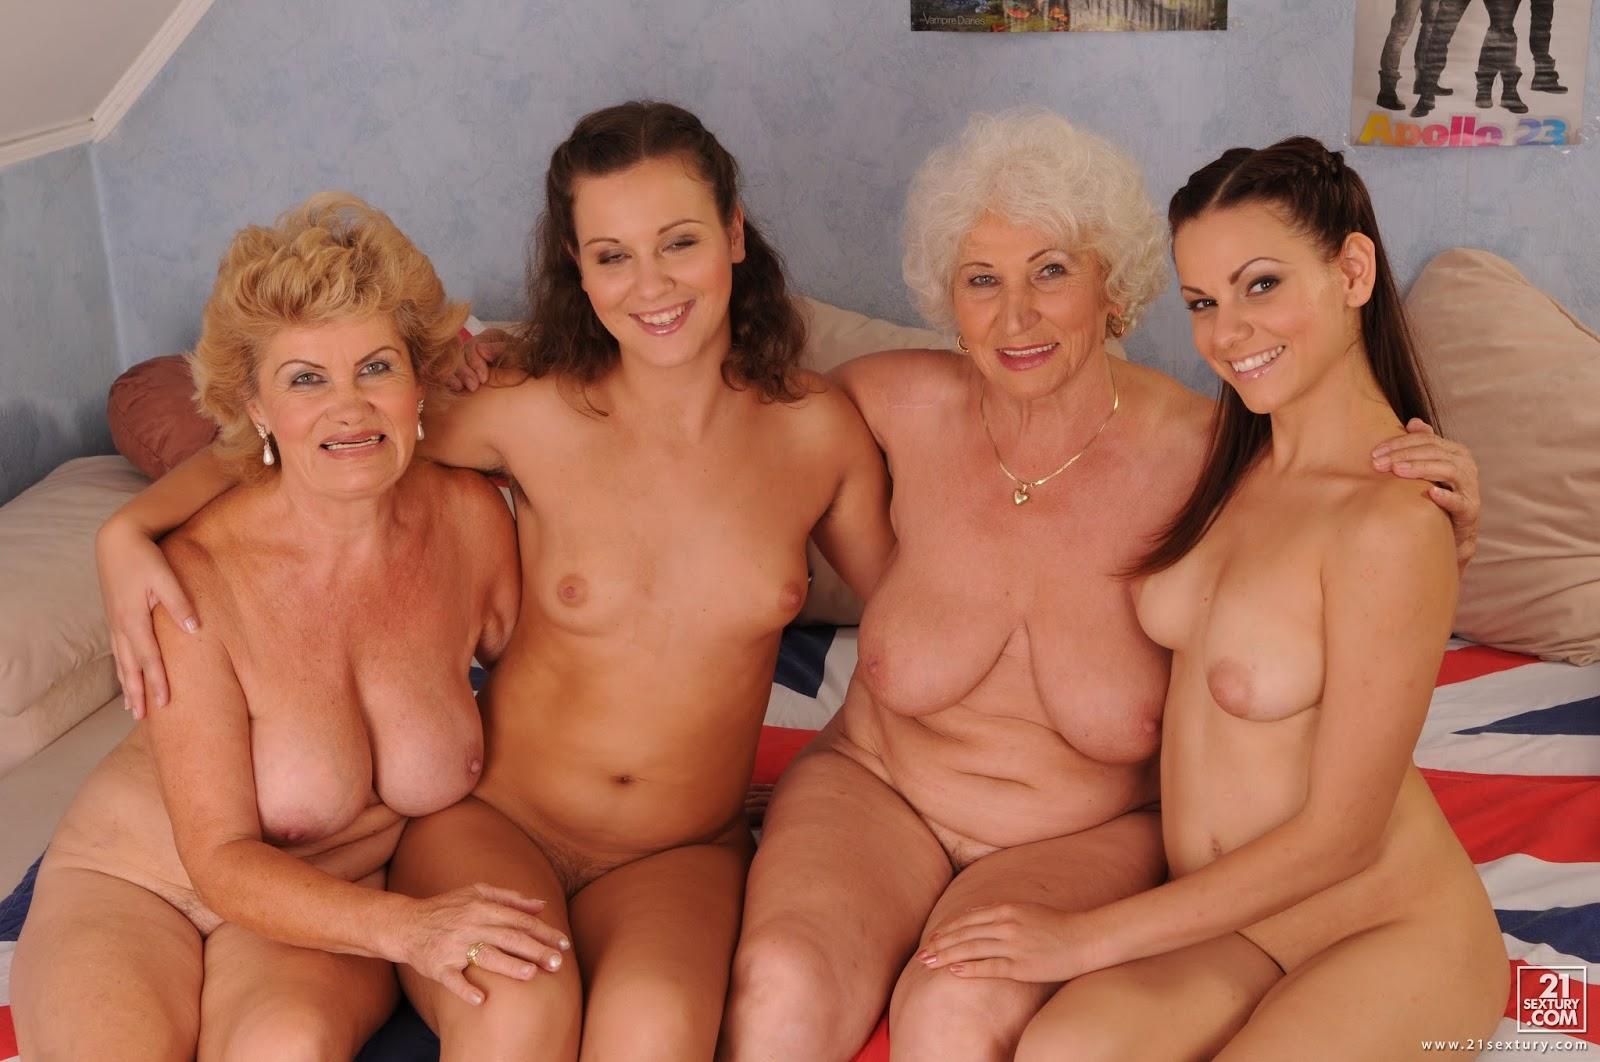 Лесбиянки 60ти лет порно видео